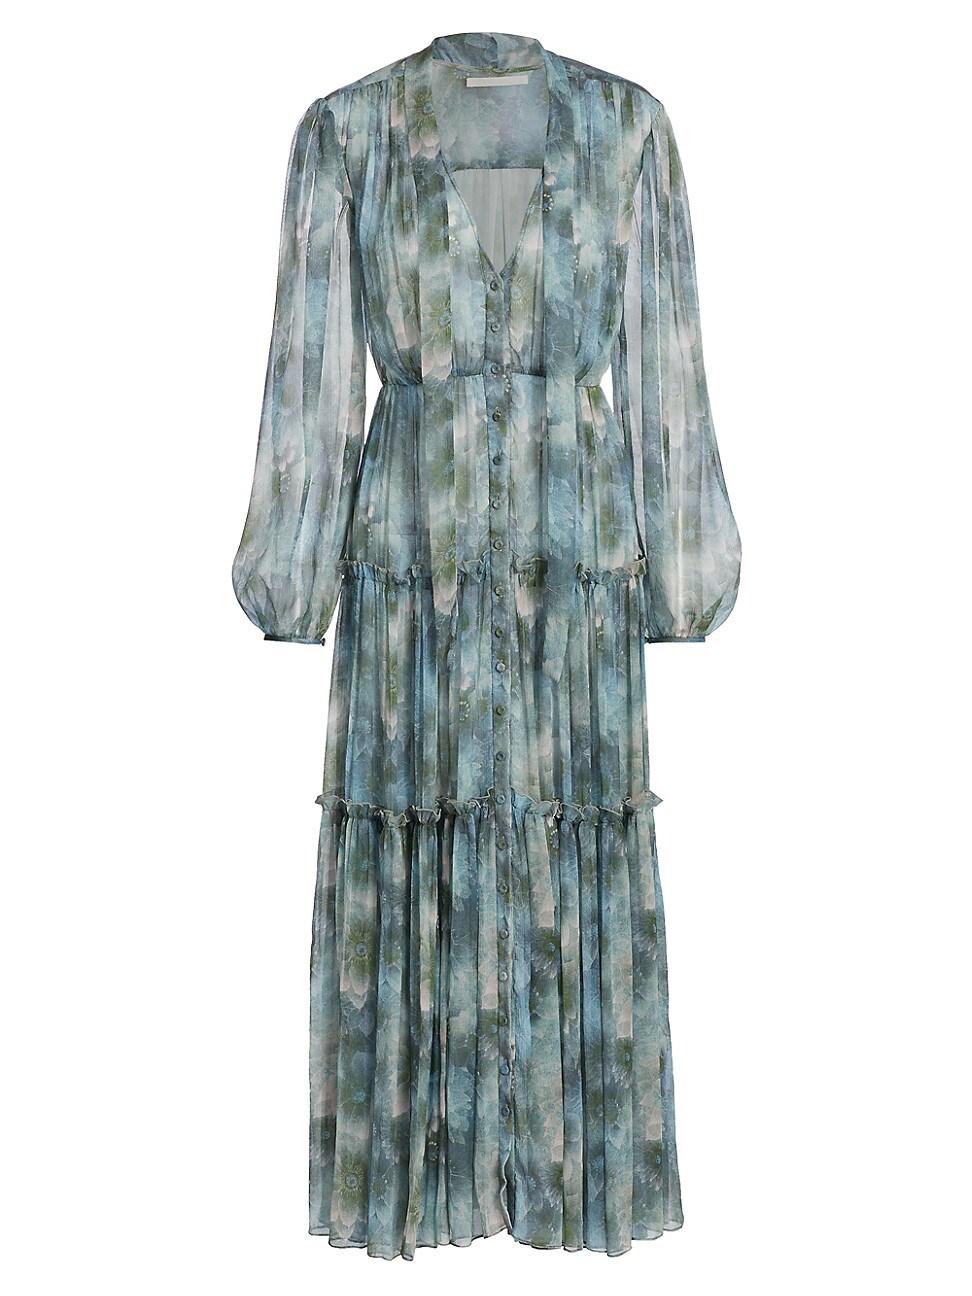 Jason Wu Collection WOMEN'S FIREFLY PRINTED CHIFFON DAY DRESS